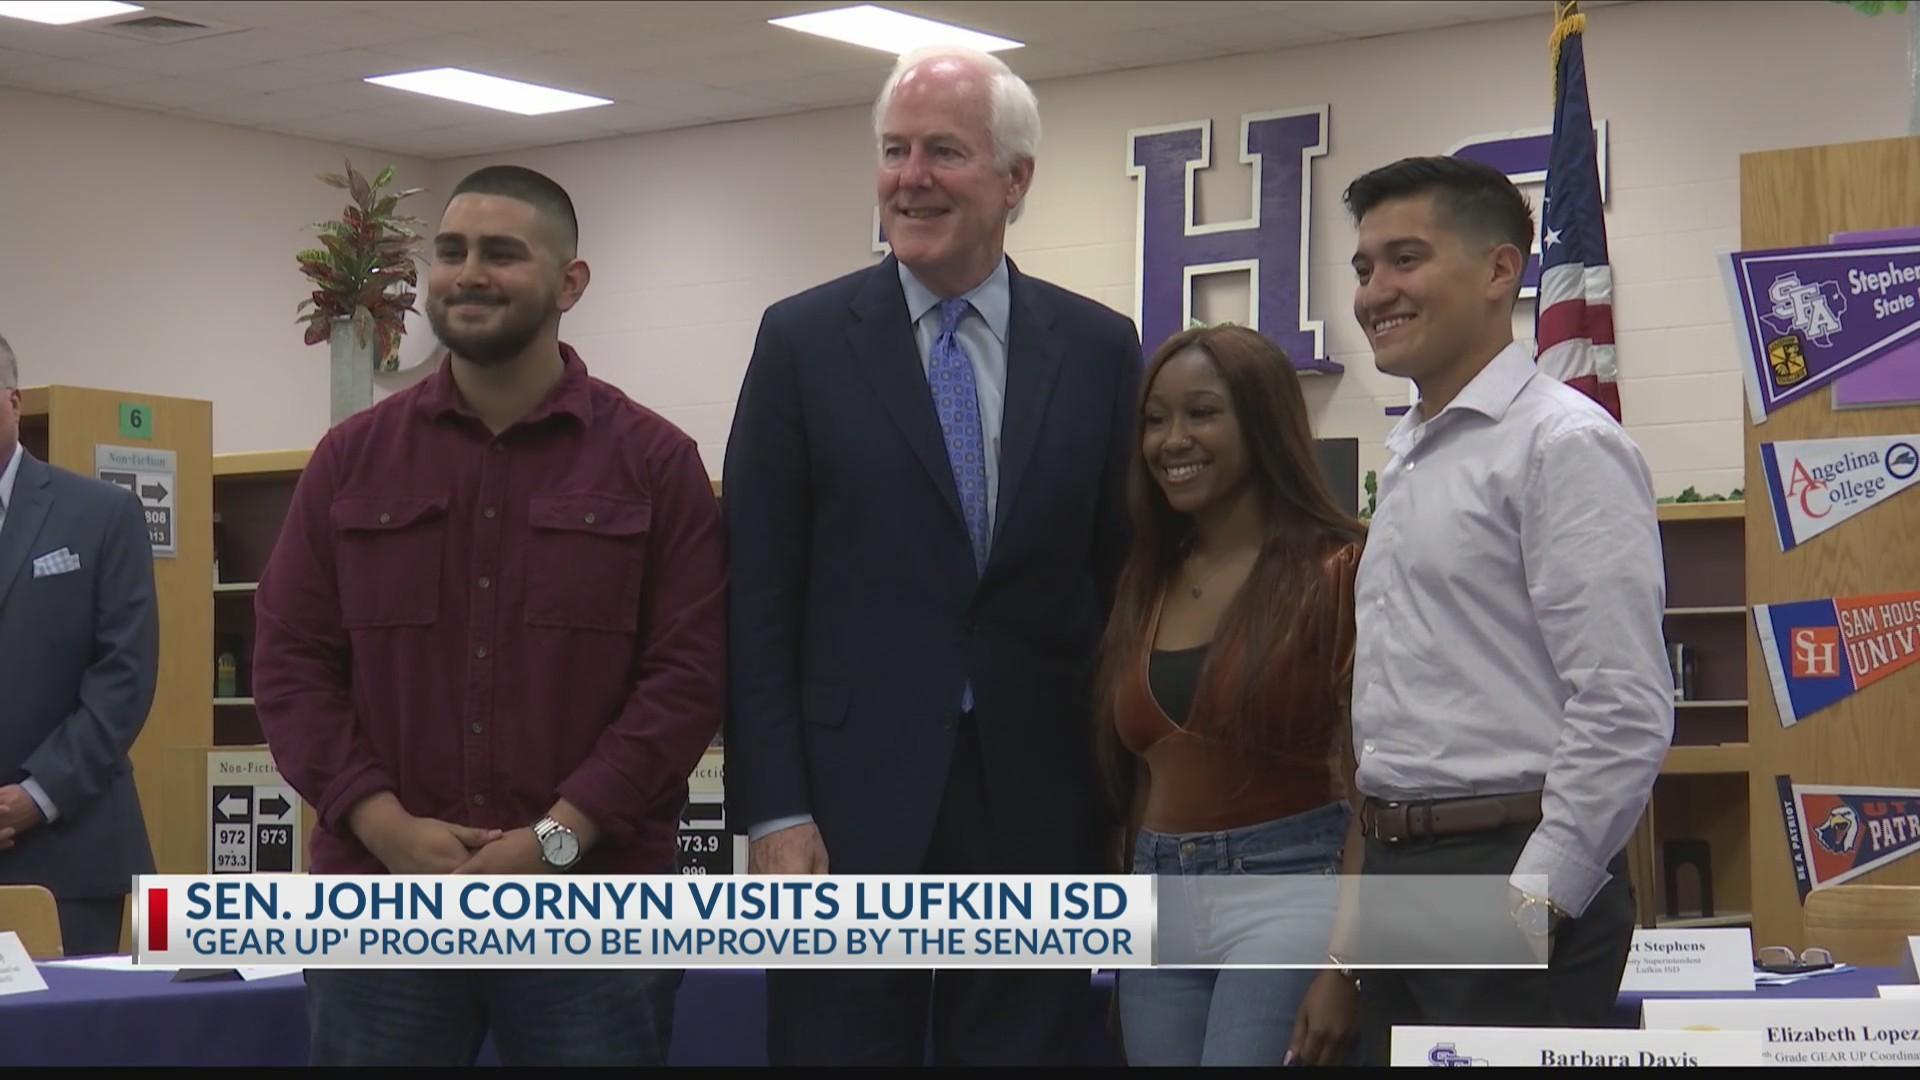 Senator_Cornyn_visits_Lufkin_to_hear_fro_0_20190529031008